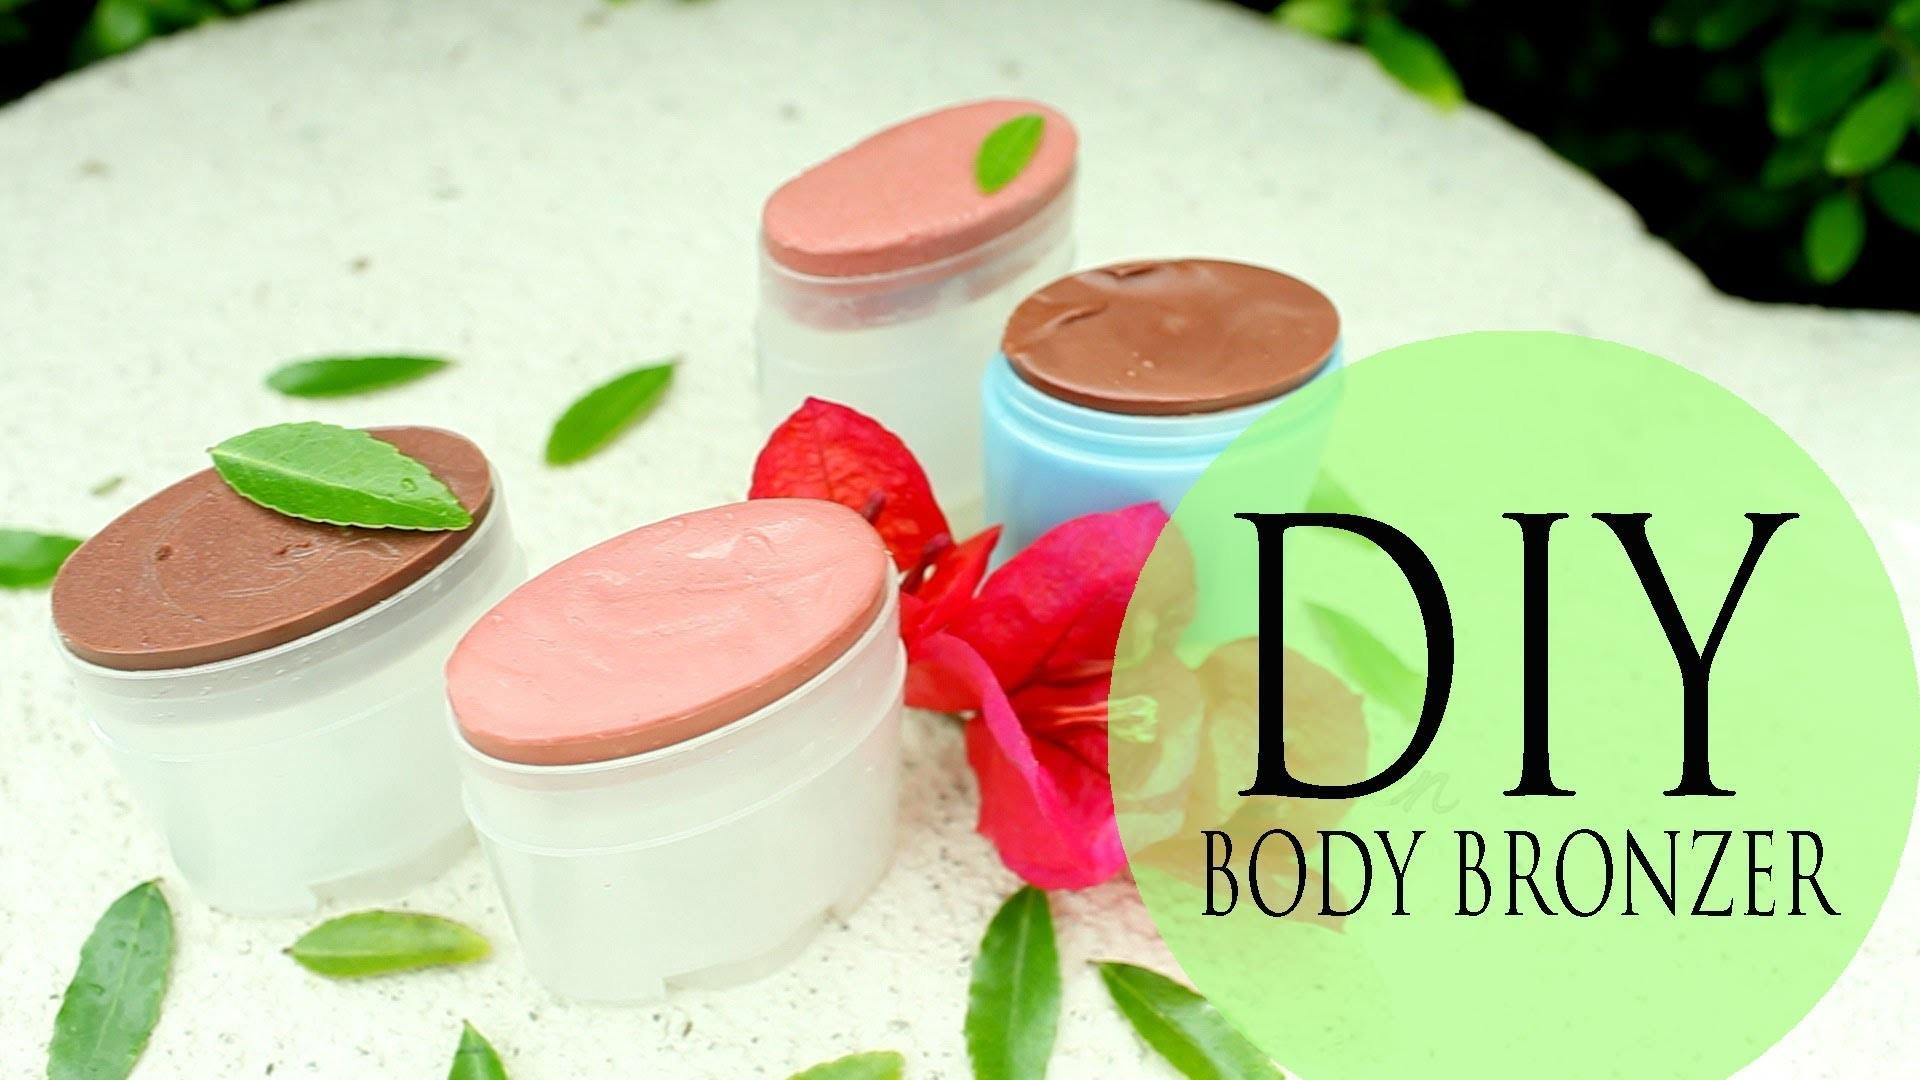 DIY Body Bronzer & Cheek Stain - How to Make Easy Summer Moisturizer by ANNEORSHINE